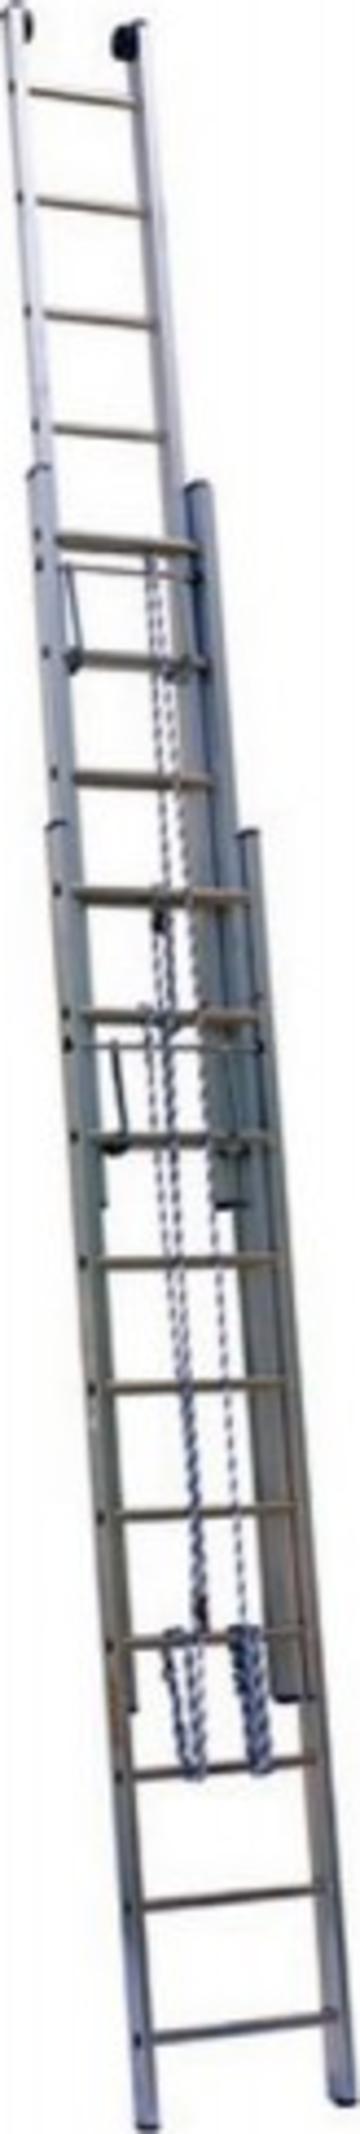 Лестница Лестница выдвижная трехсекционная АЛЮМЕТ 3321 3х21 с тросом